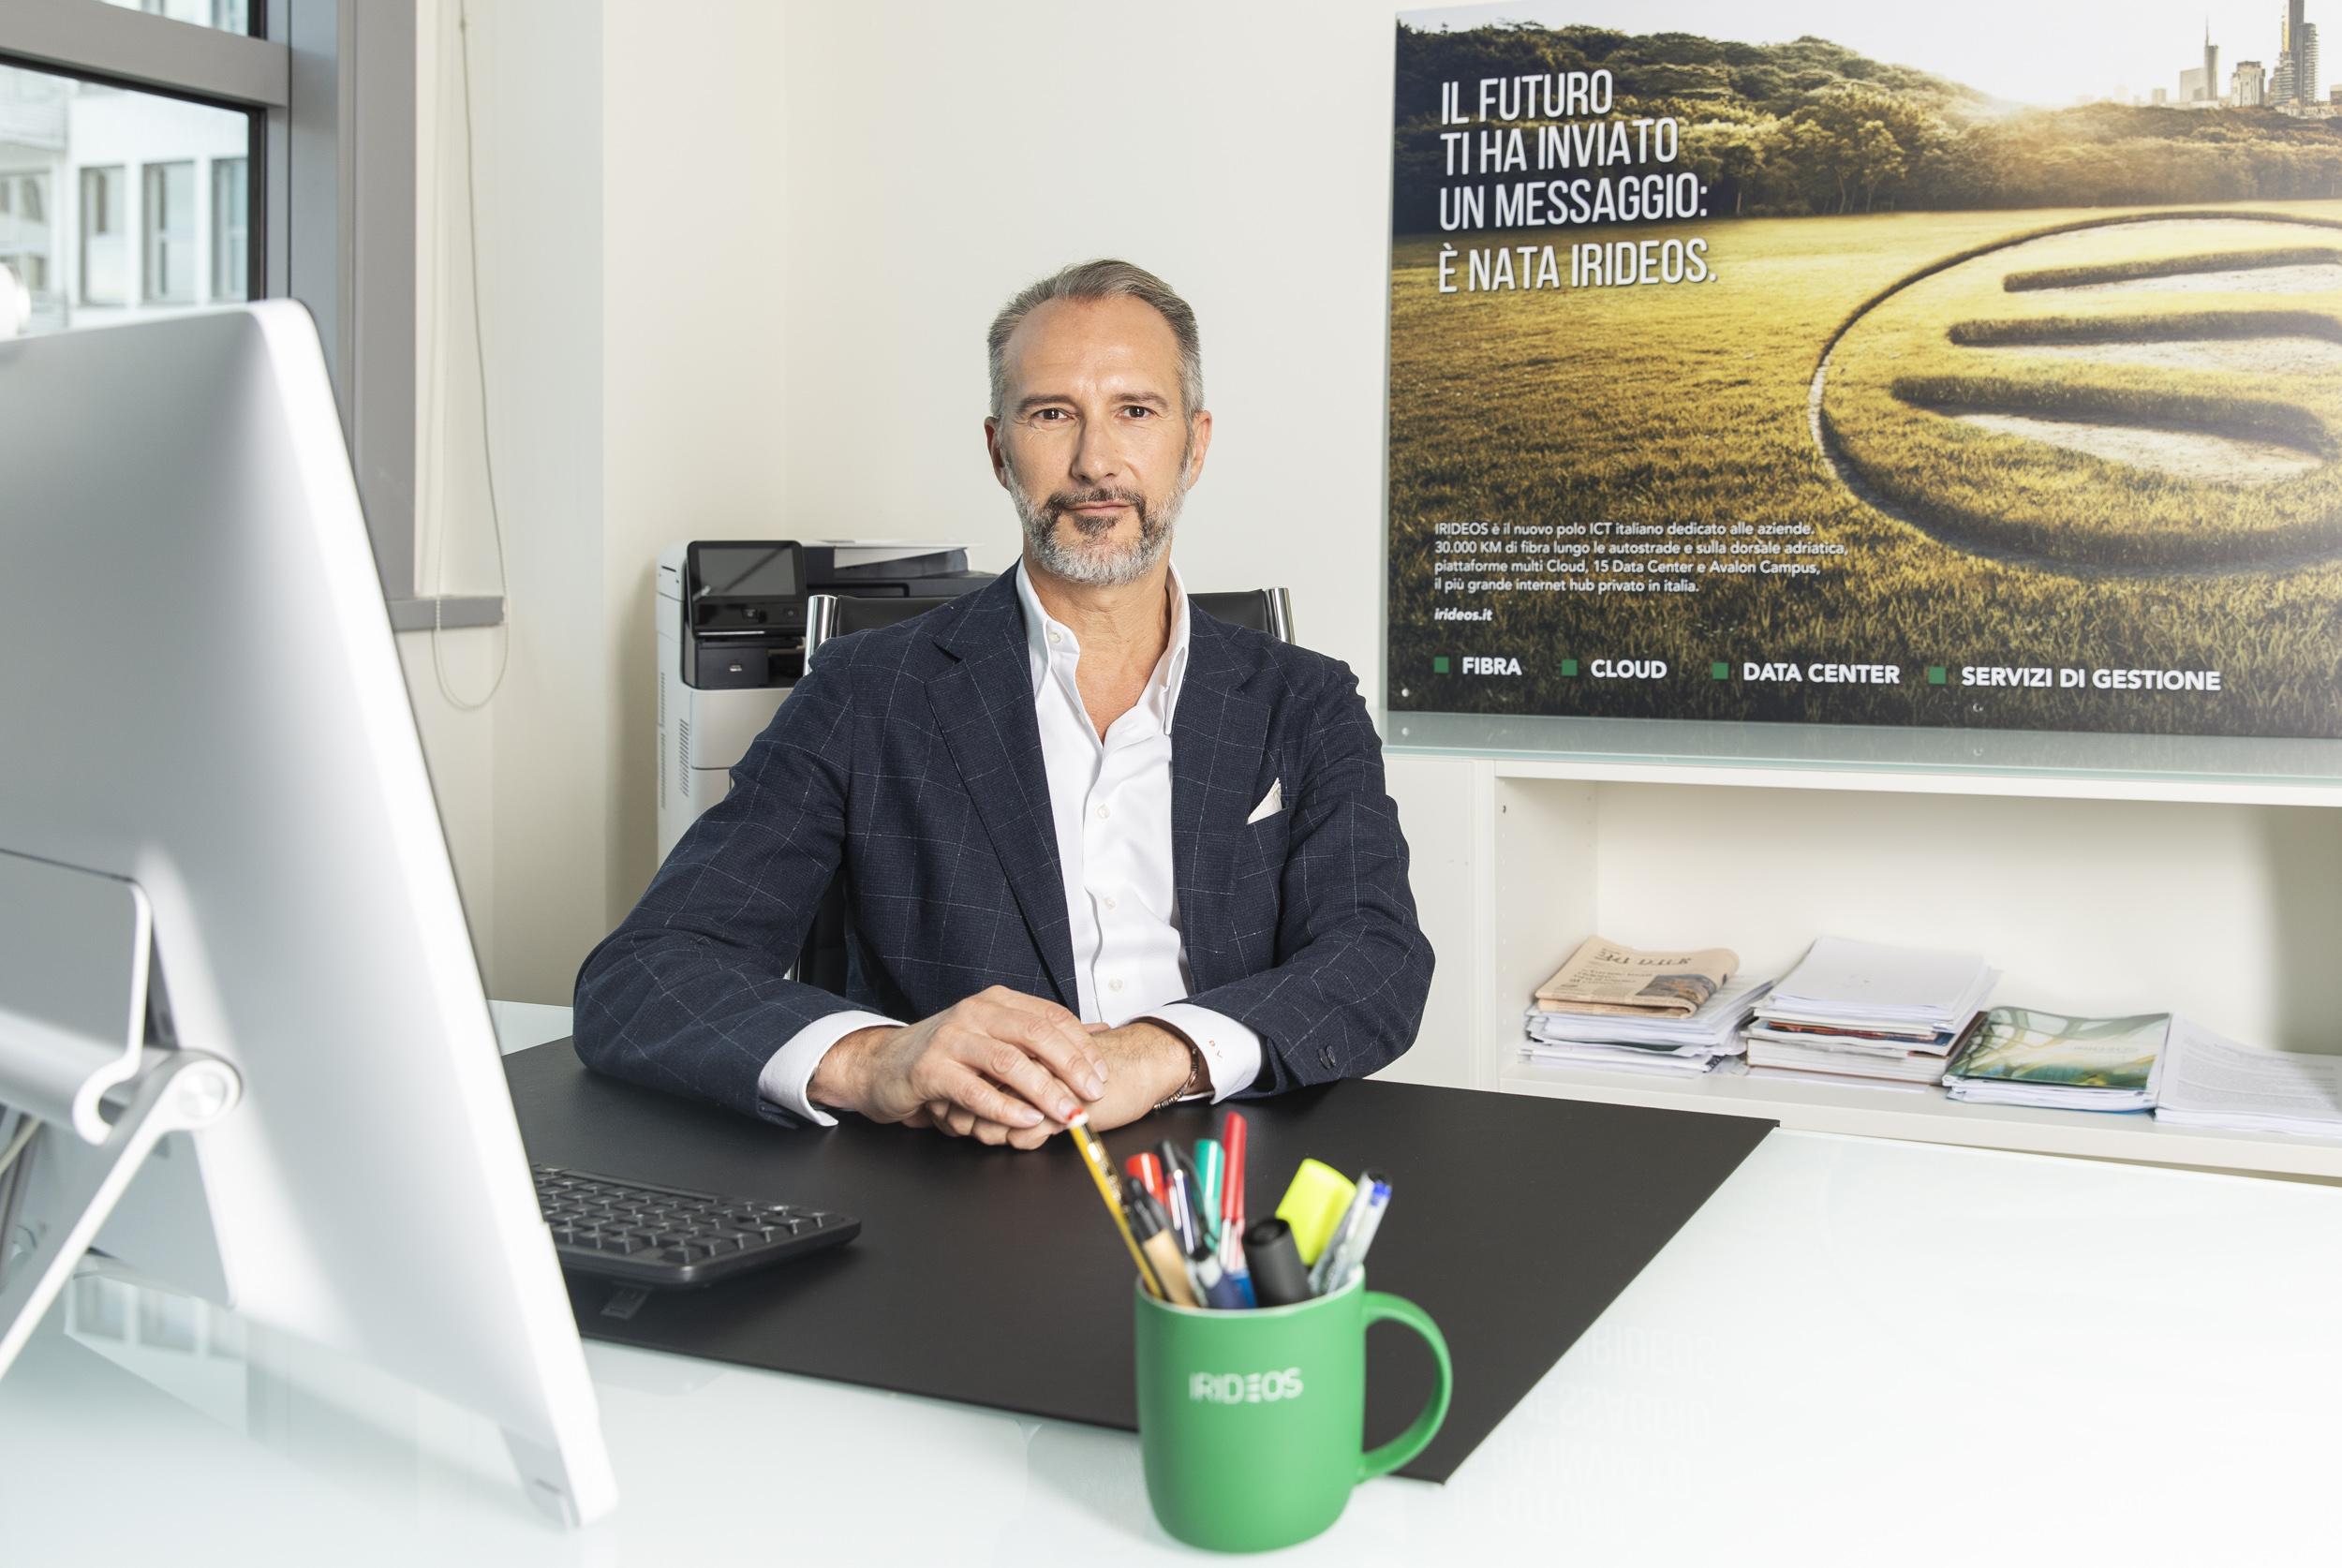 """Milano Finanza: """"IRIDEOS punta a 260 milioni di fatturato al 2024"""""""